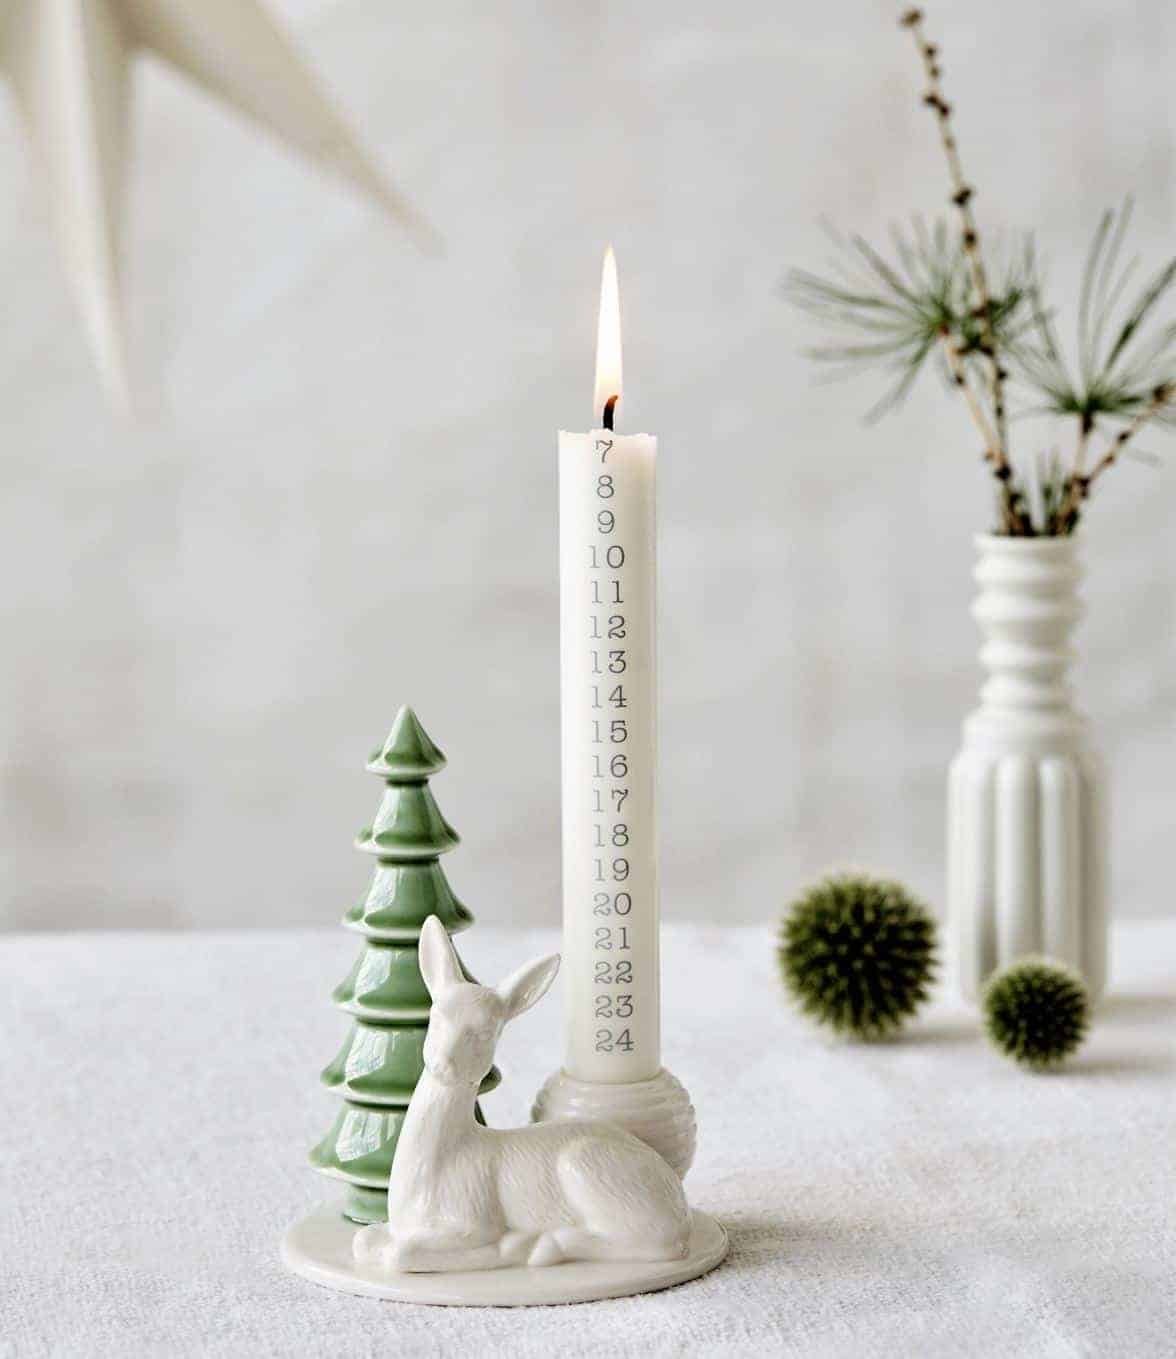 Porzellan Weihnachten.Weihnachten Skandistyle Mit Porzellan Style Hannover Blog